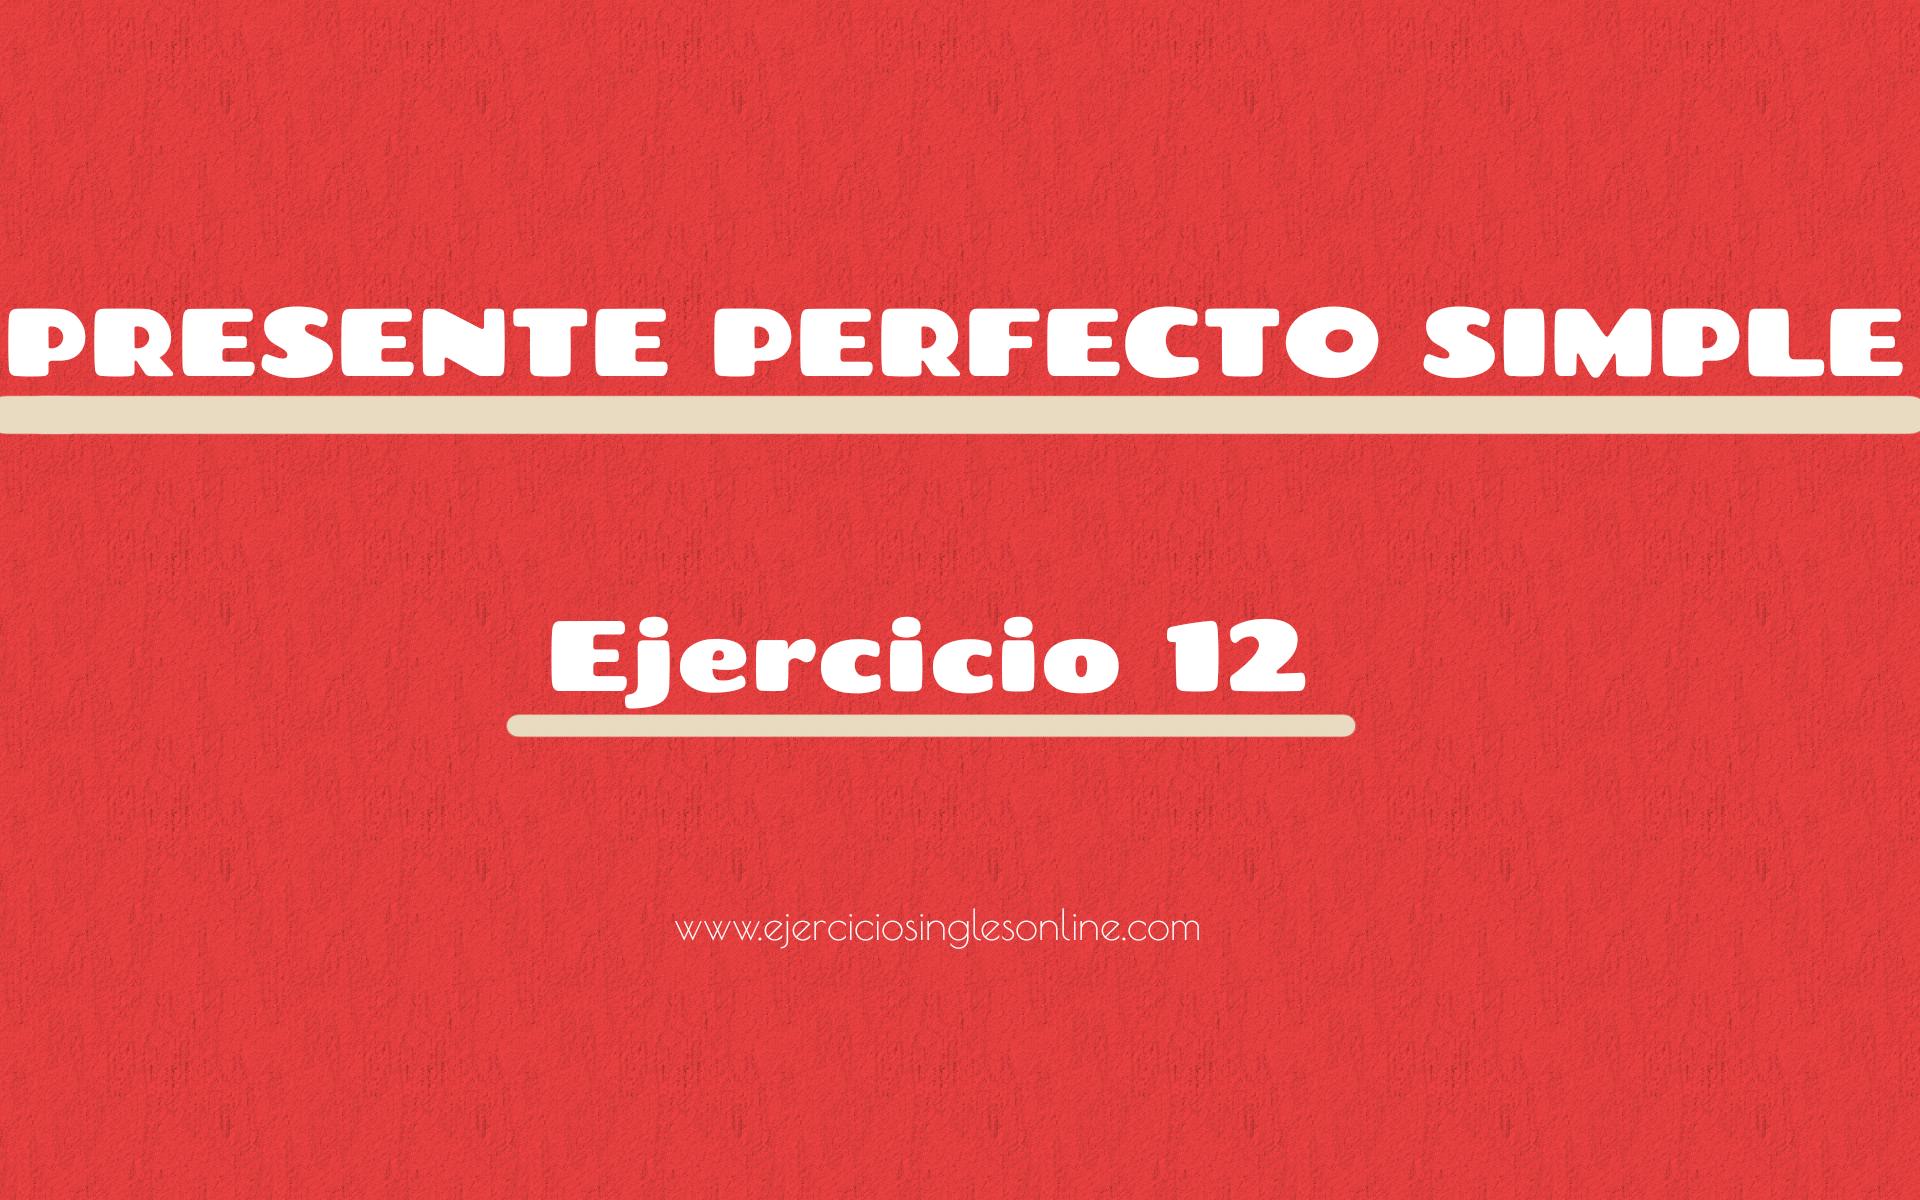 Presente perfecto simple - Ejercicio 12